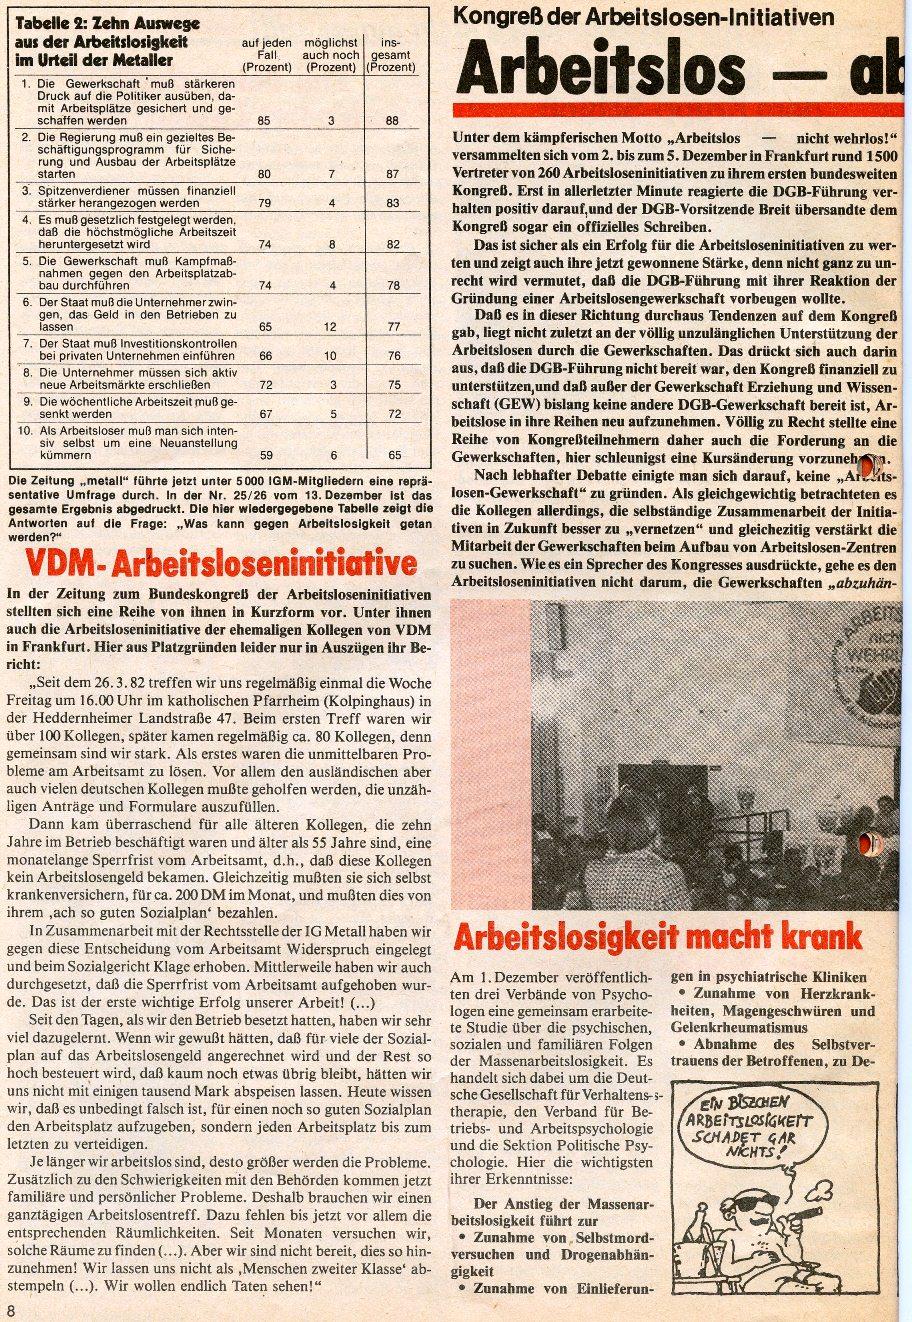 RGO_RGO_Nachrichten_1983_01_08